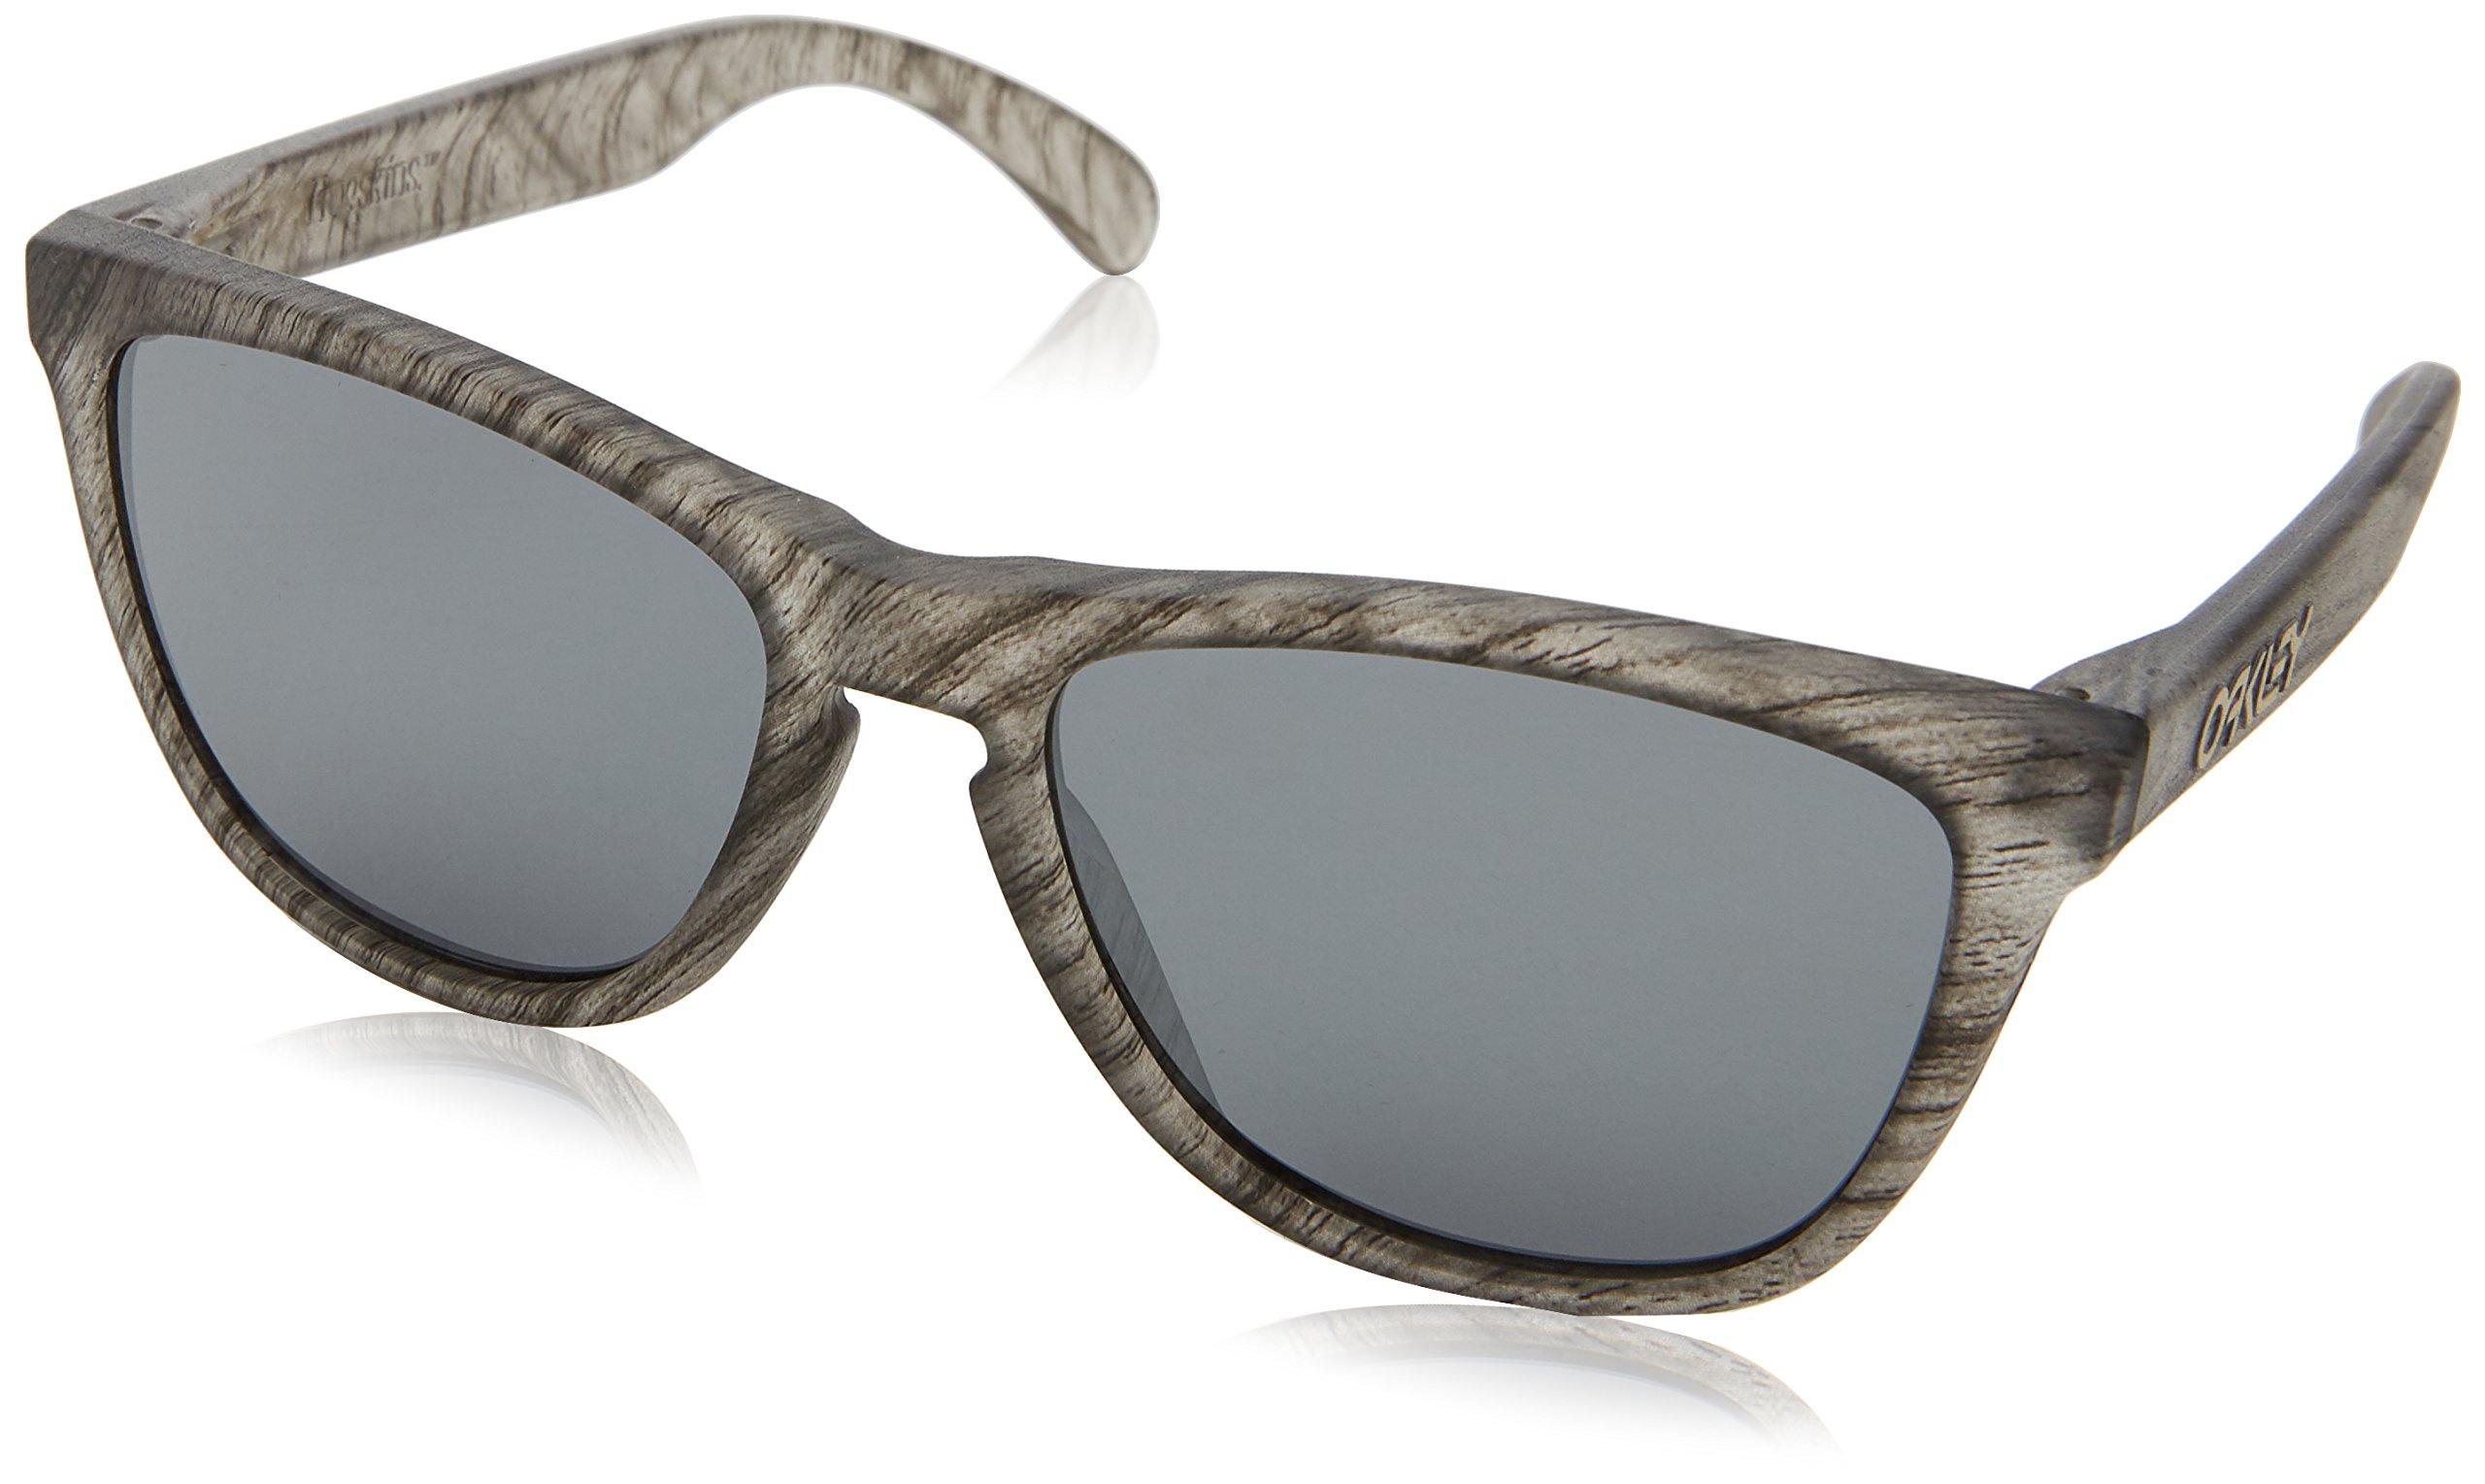 2a44f33cb30c Galleon - Oakley Men's Frogskins Non-Polarized Iridium Square Sunglasses, MATTE  CLEAR WOODGRAIN, 55 Mm